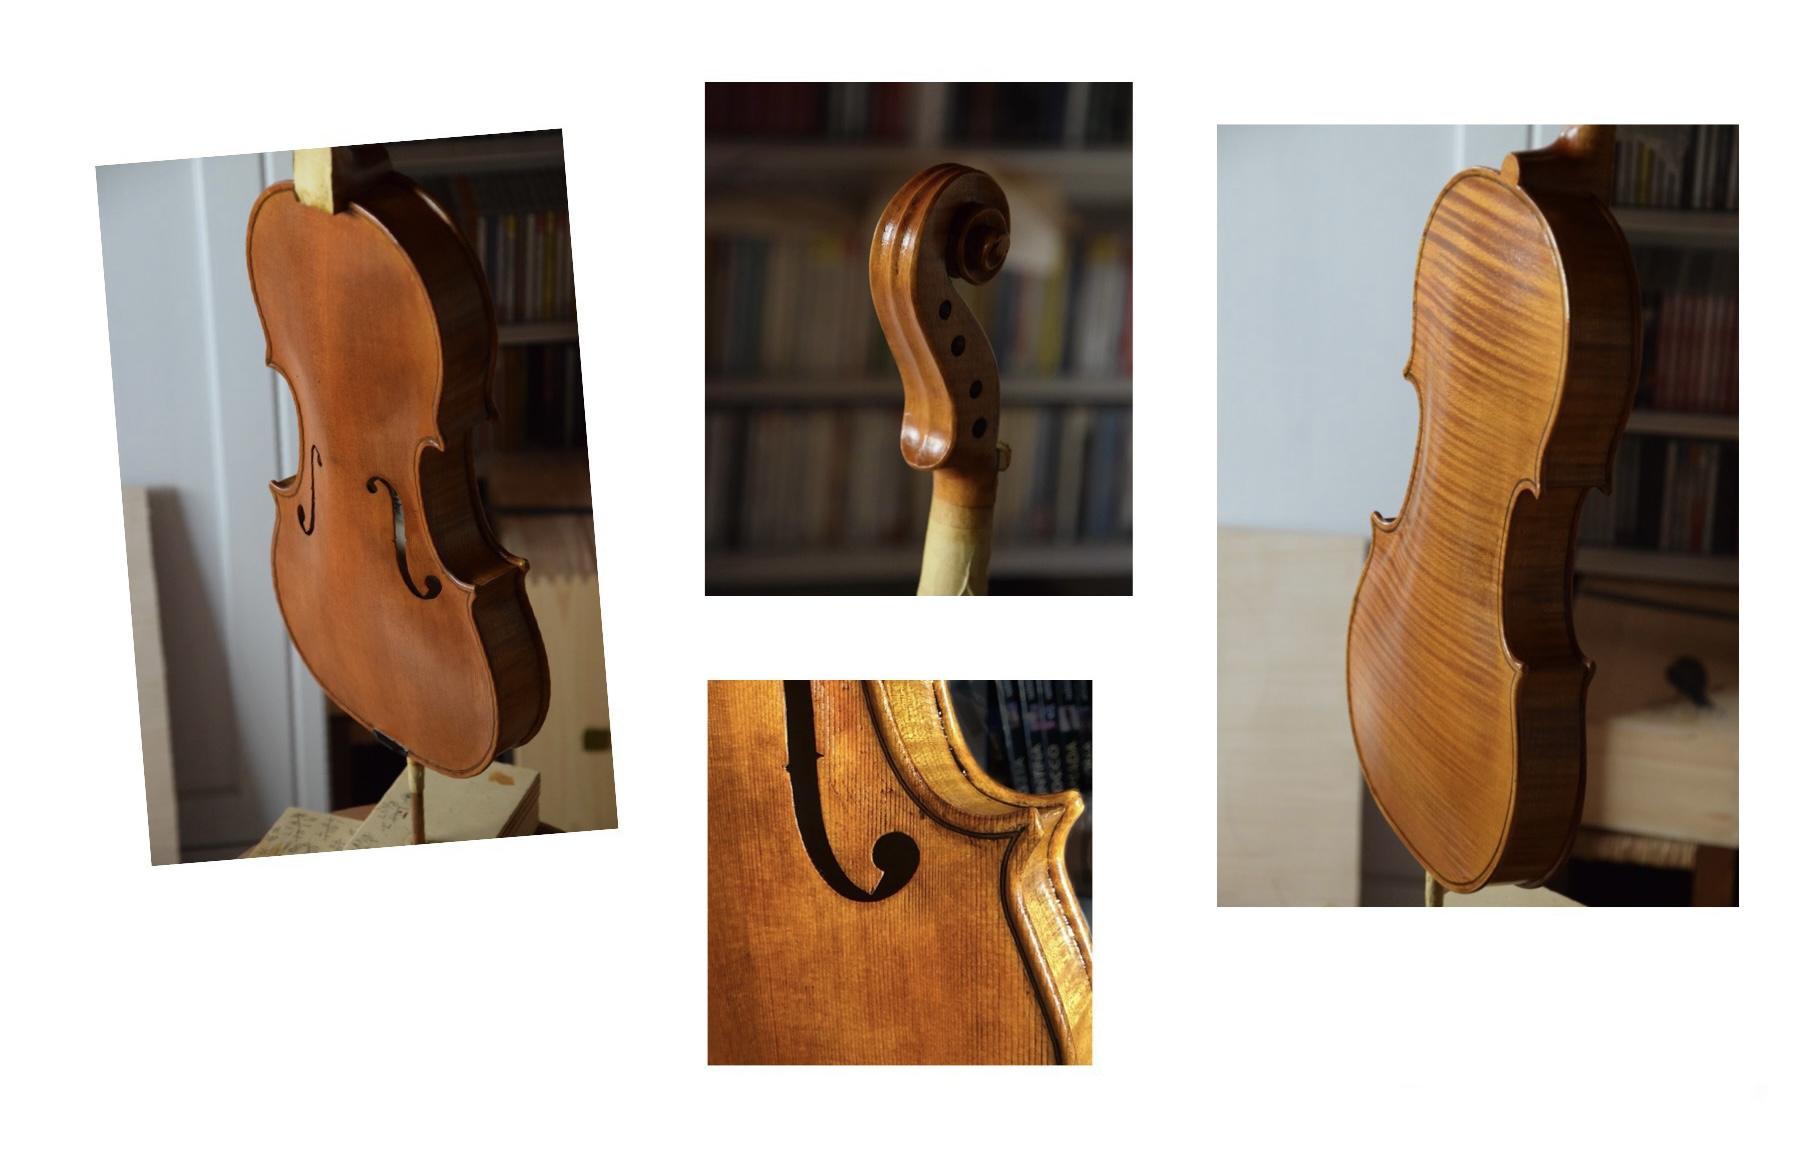 violino modello stradivari Alessandro Visintini